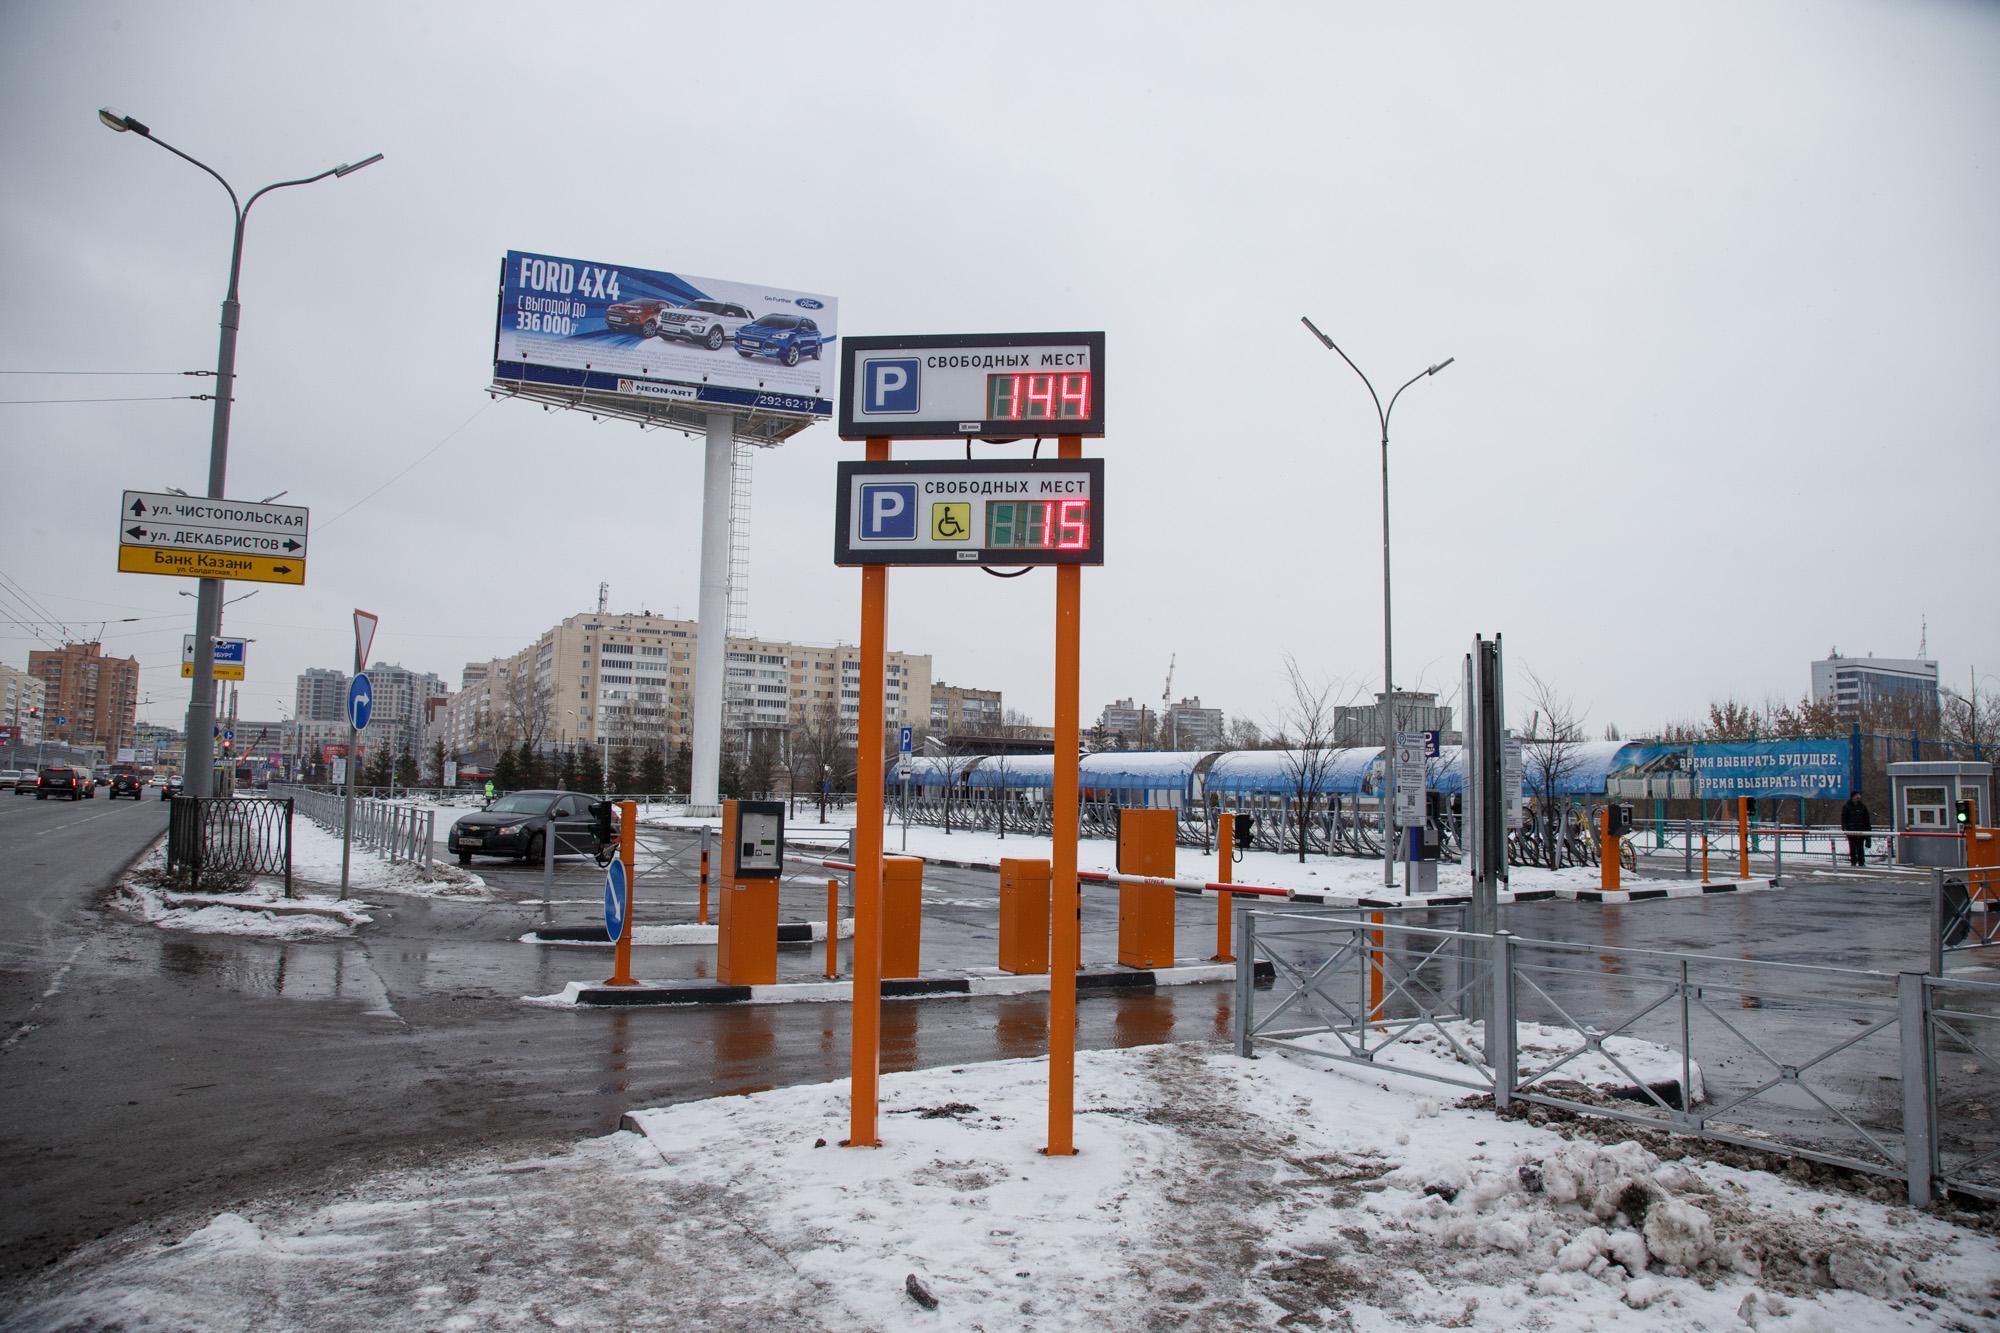 ВКазани открыли первую муниципальную перехватывающую парковку